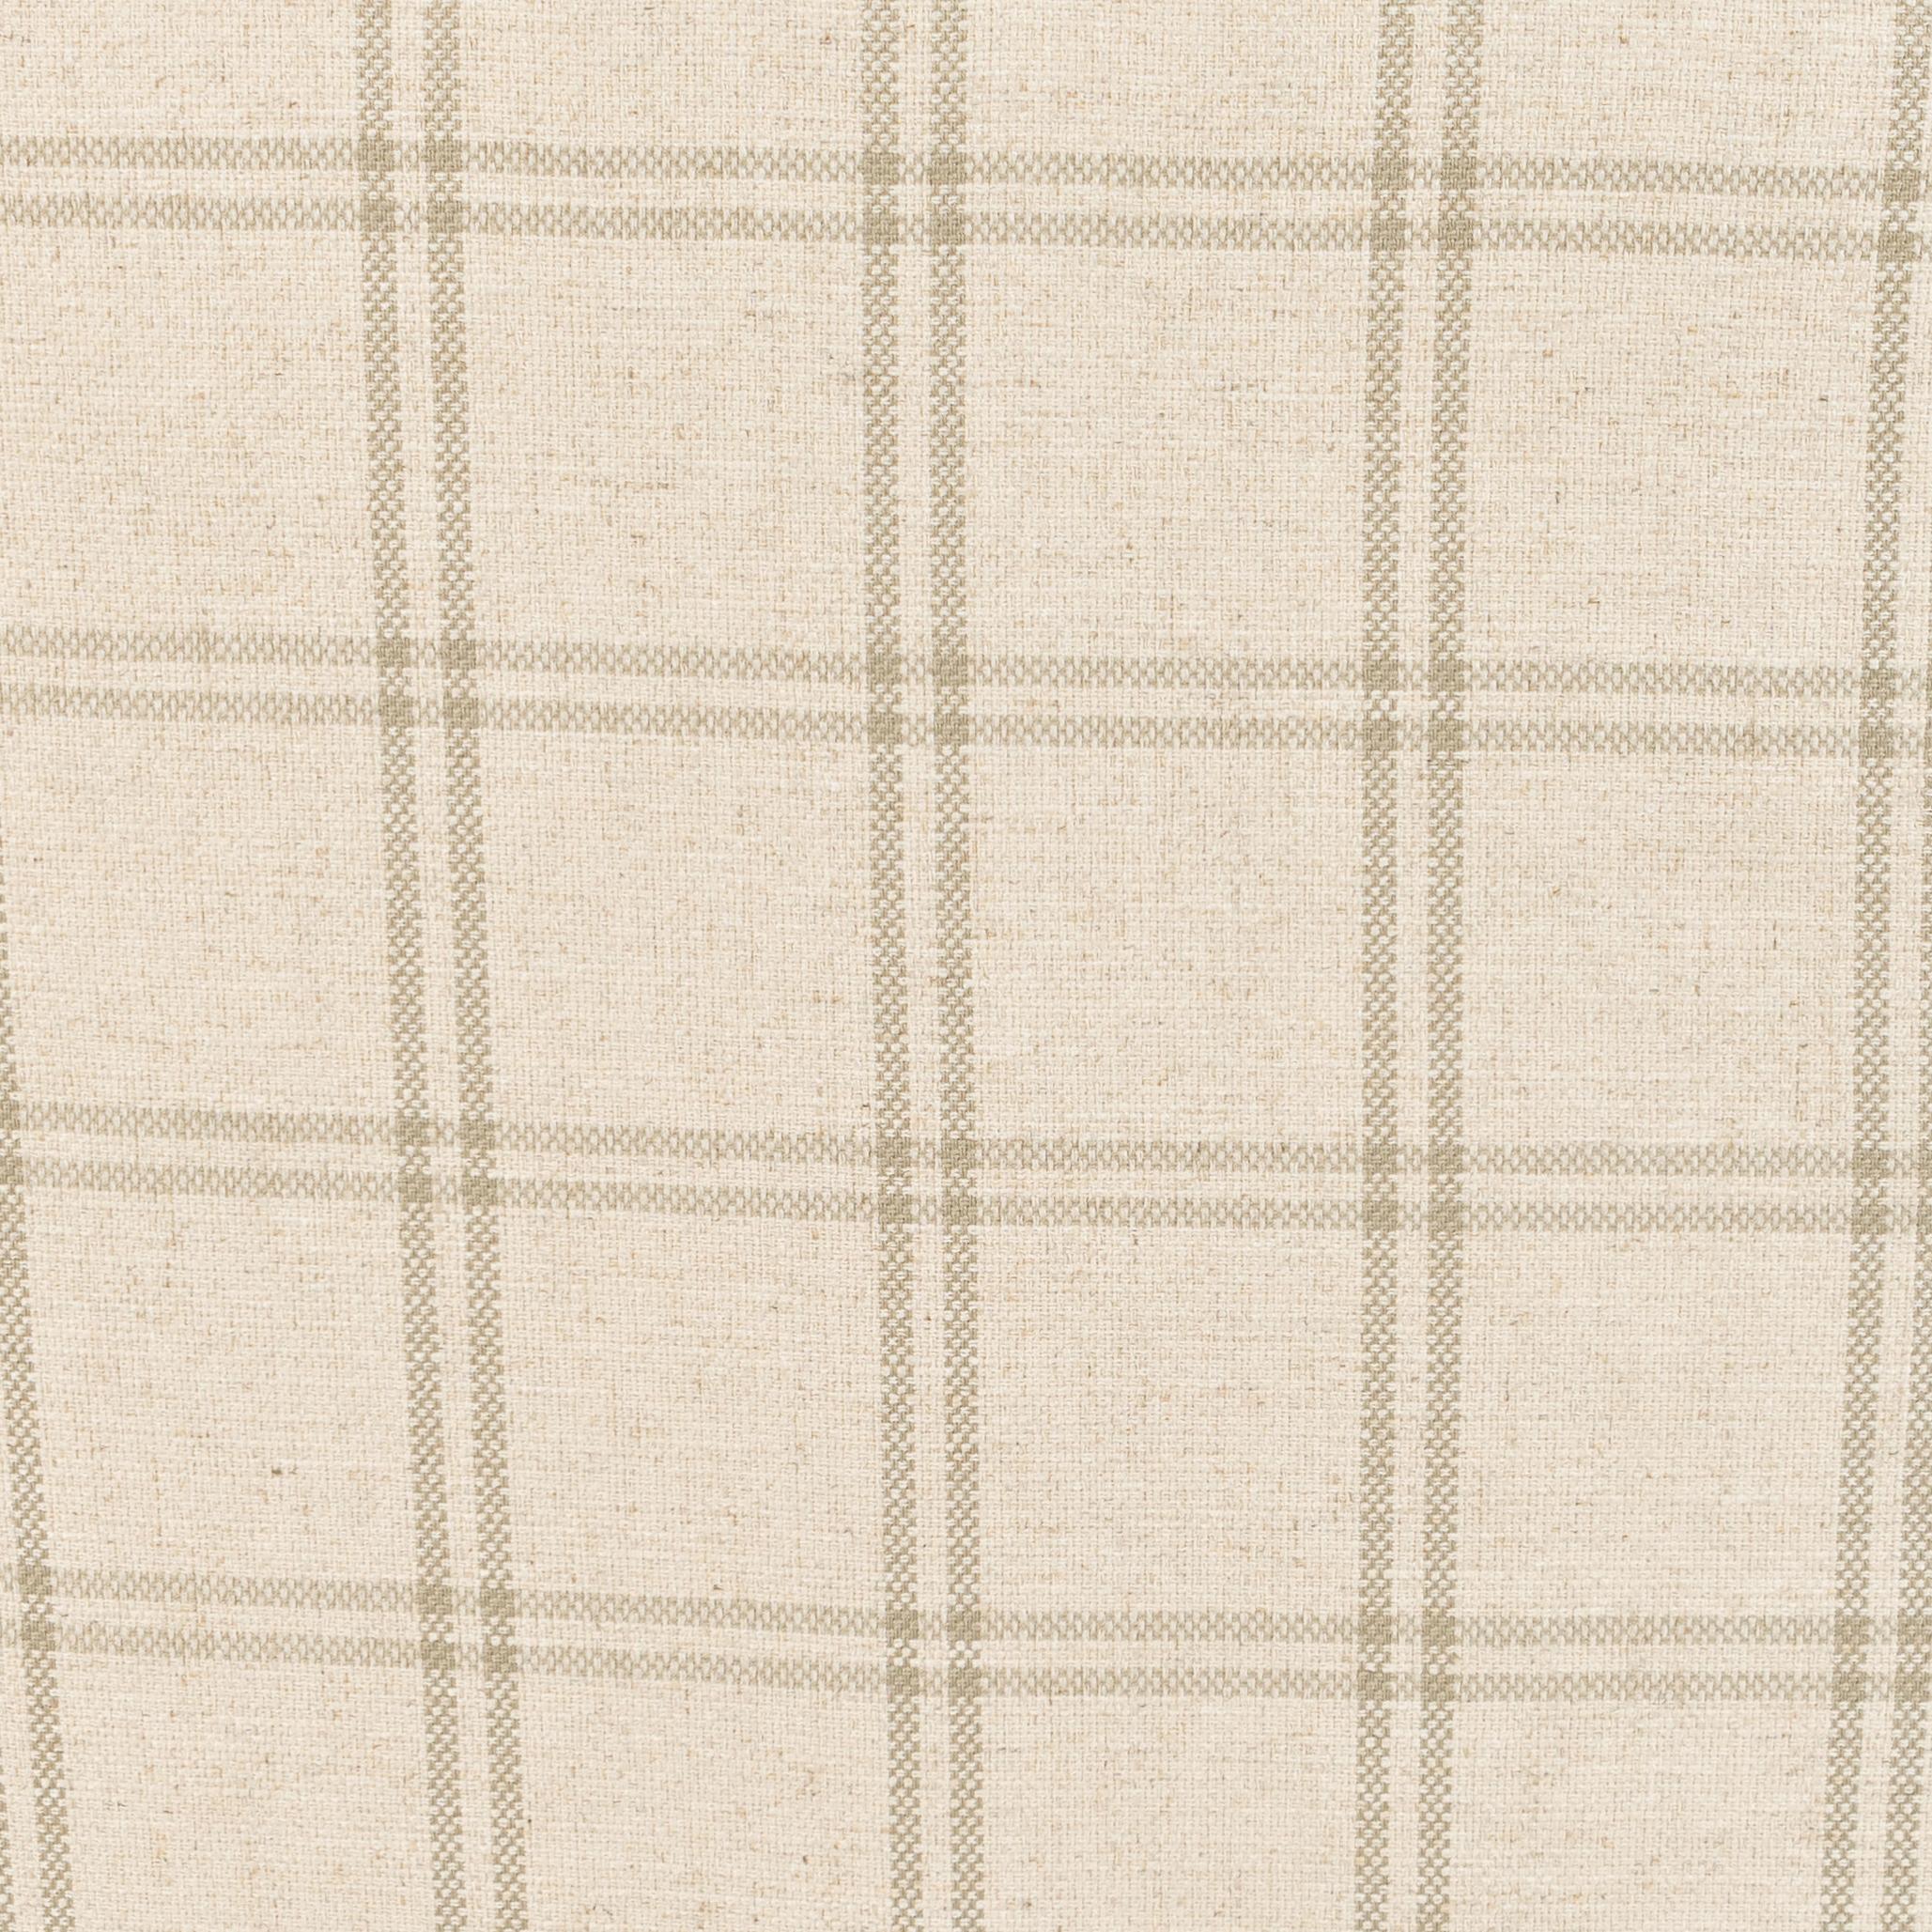 Lacroix Parchment Lacroix-Parchment